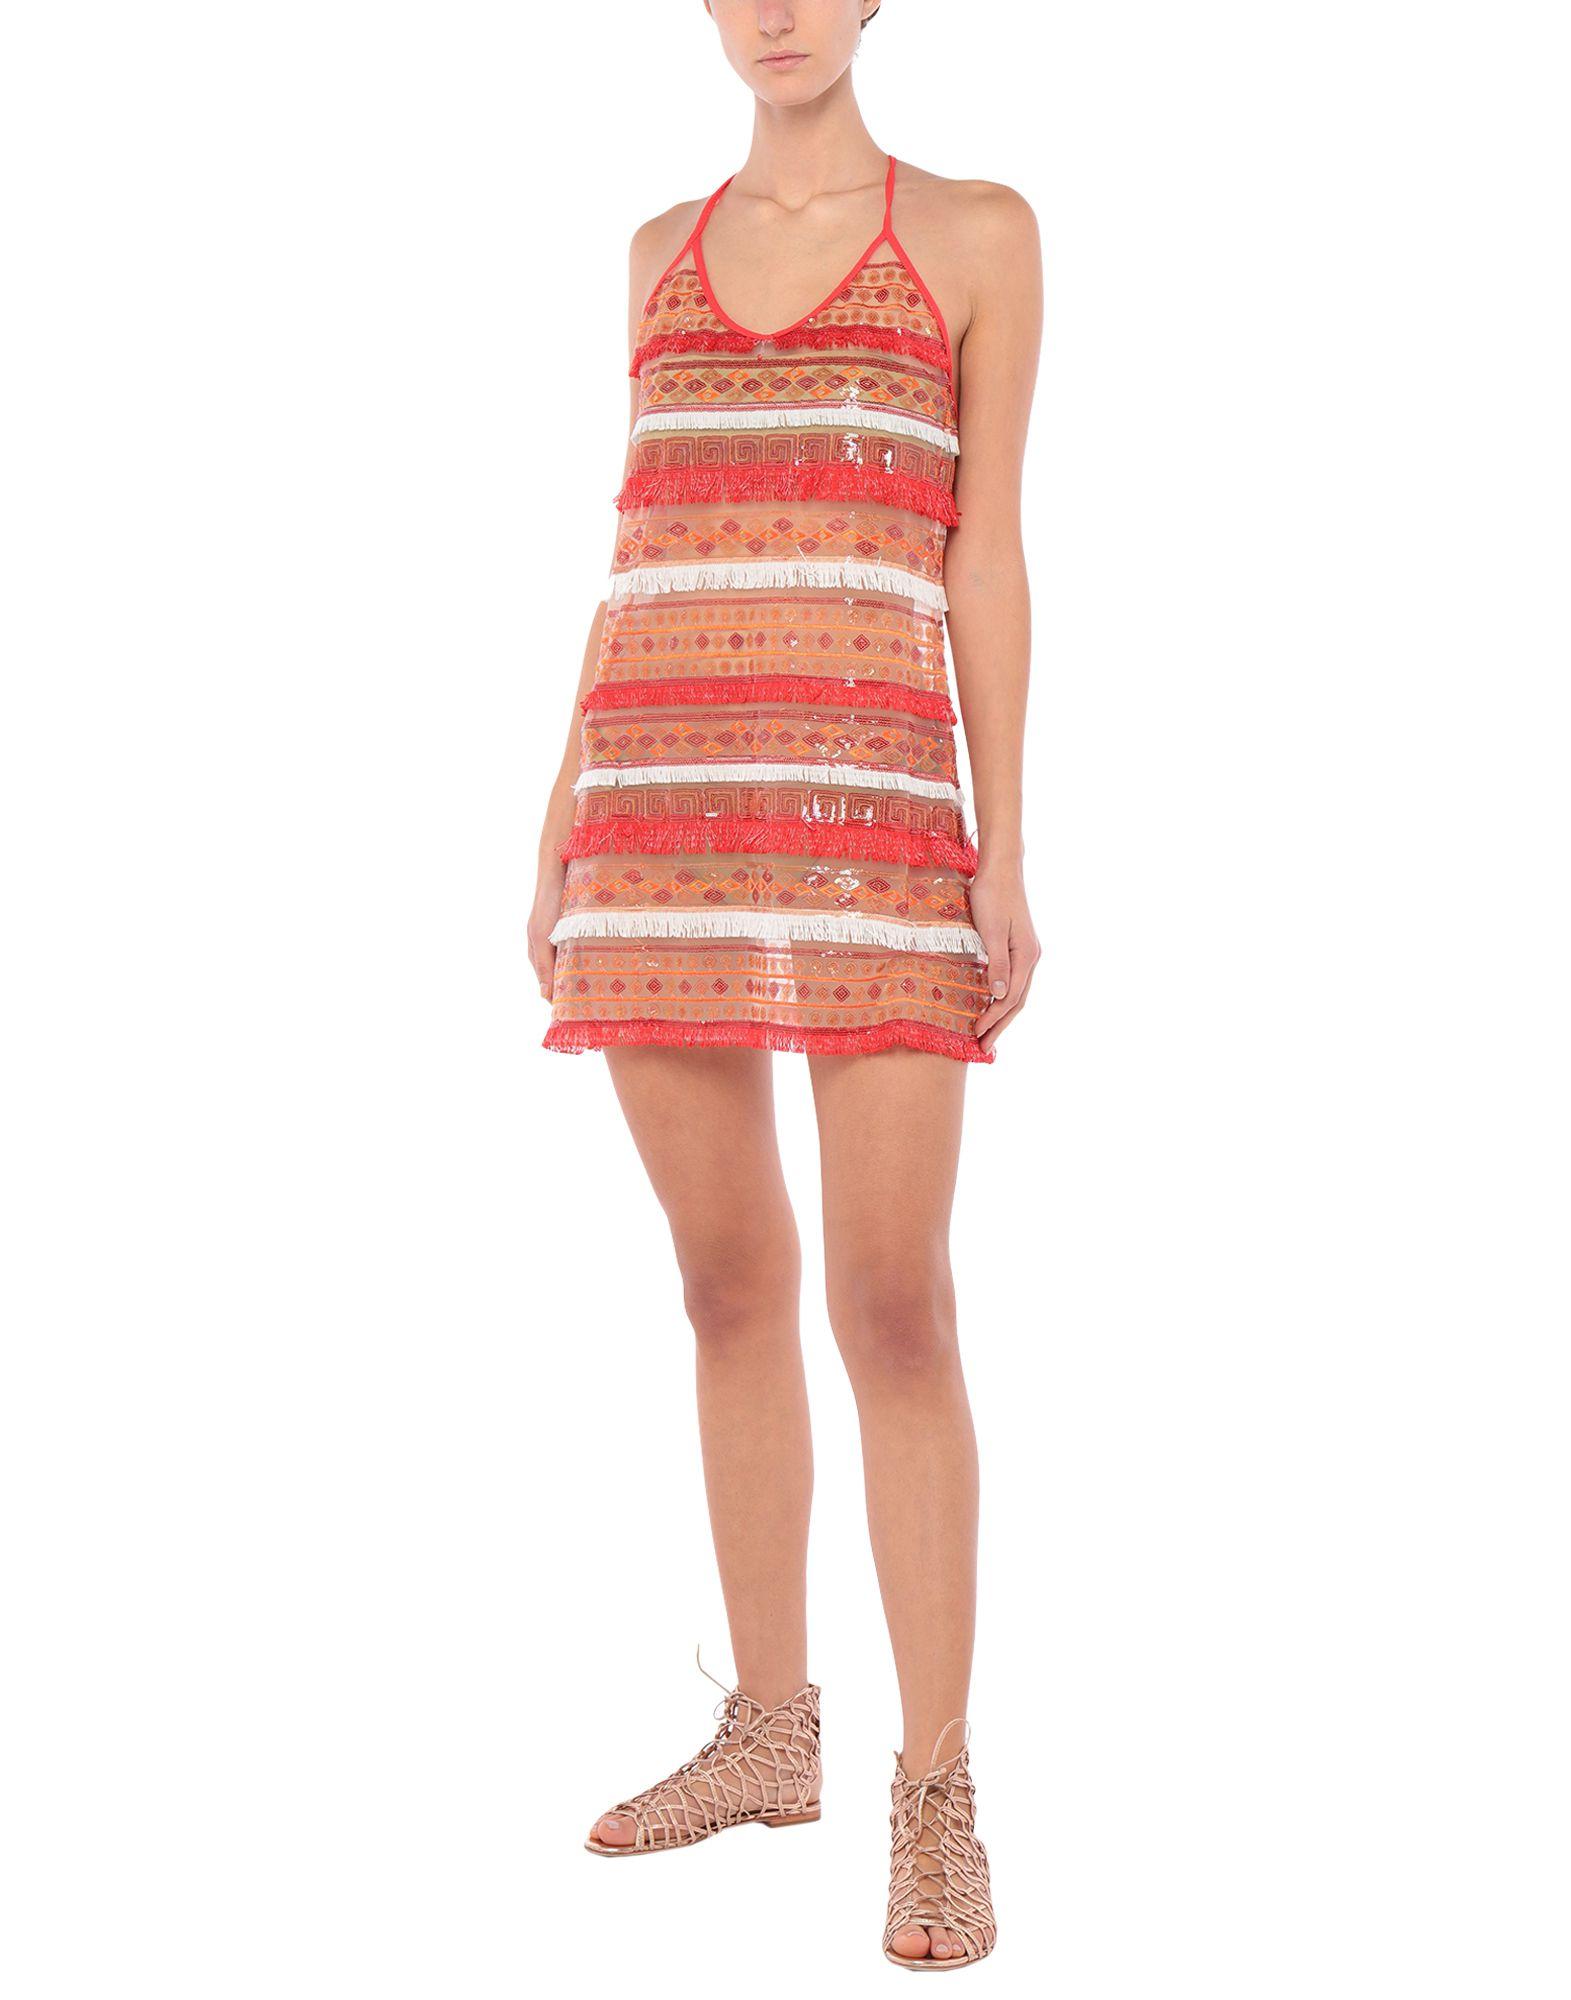 COTAZUR Пляжное платье